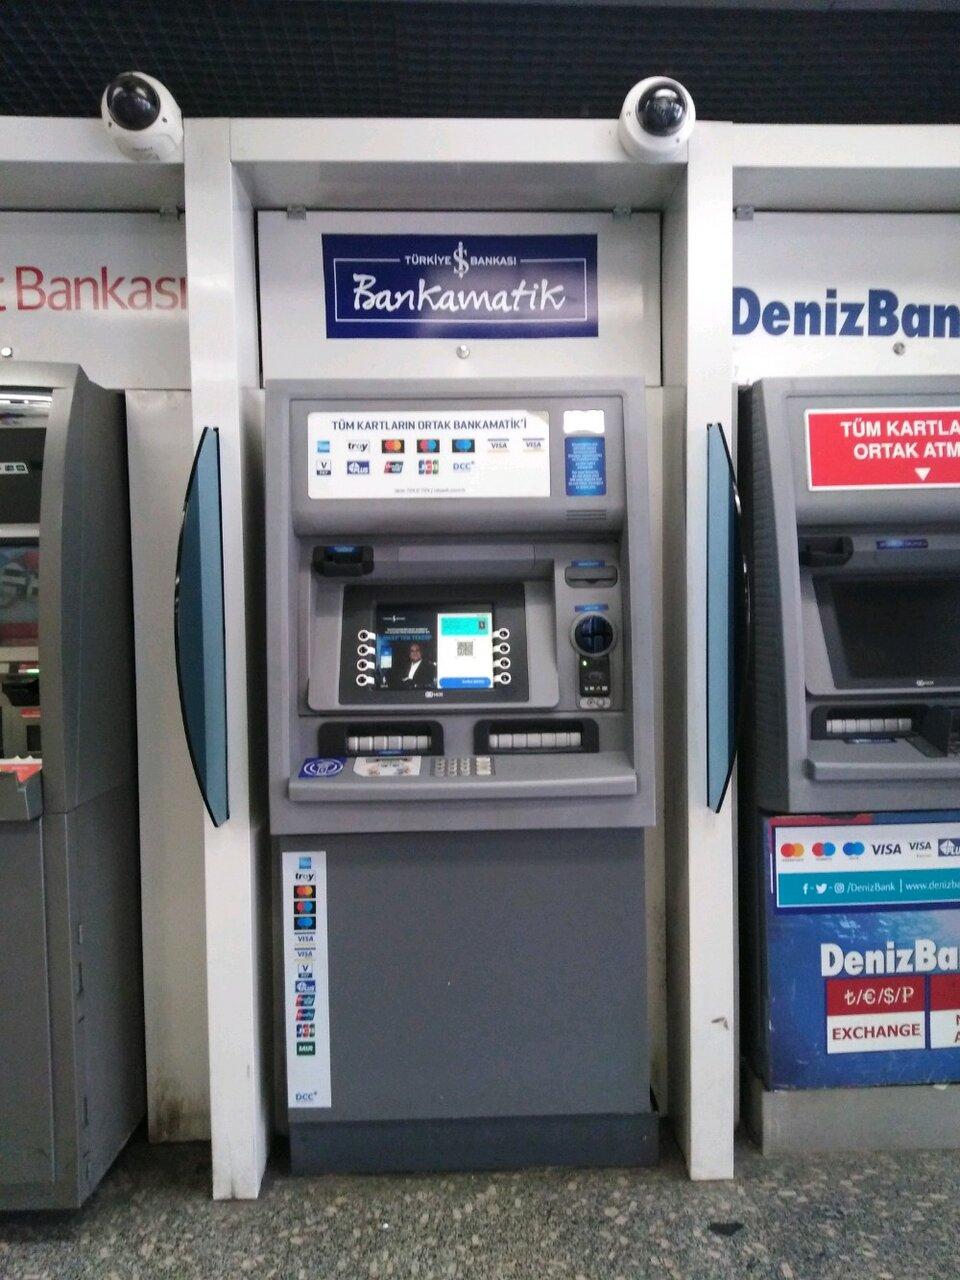 банкоматы турции фото